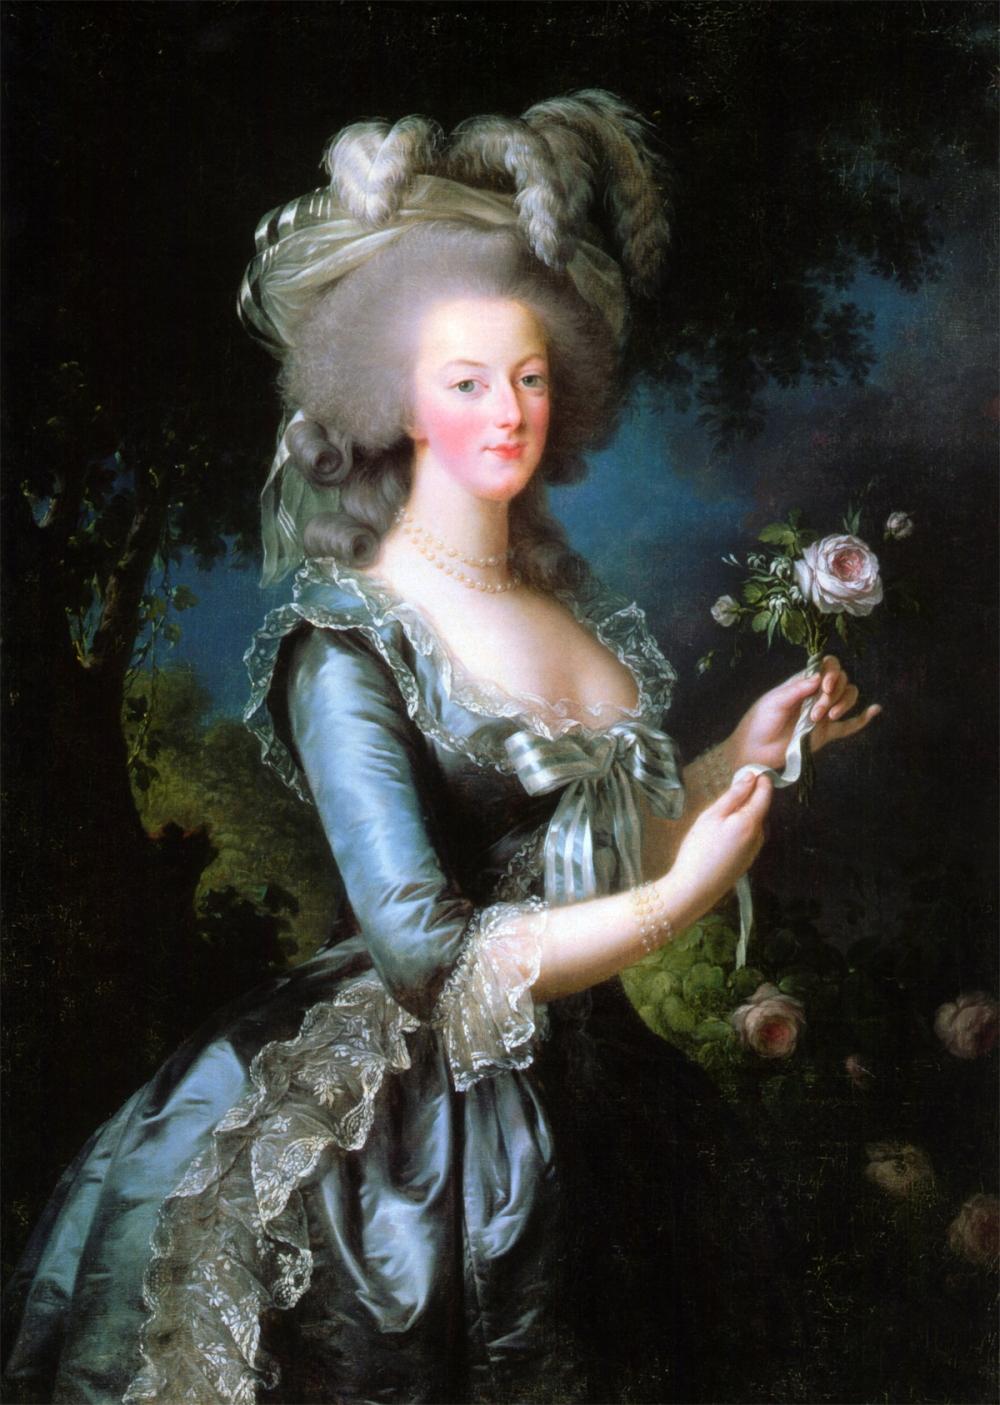 Louise Élisabeth Vigée Le Brun. Maria Antonieta con una rosa. 1783. Palacio de Versalles.